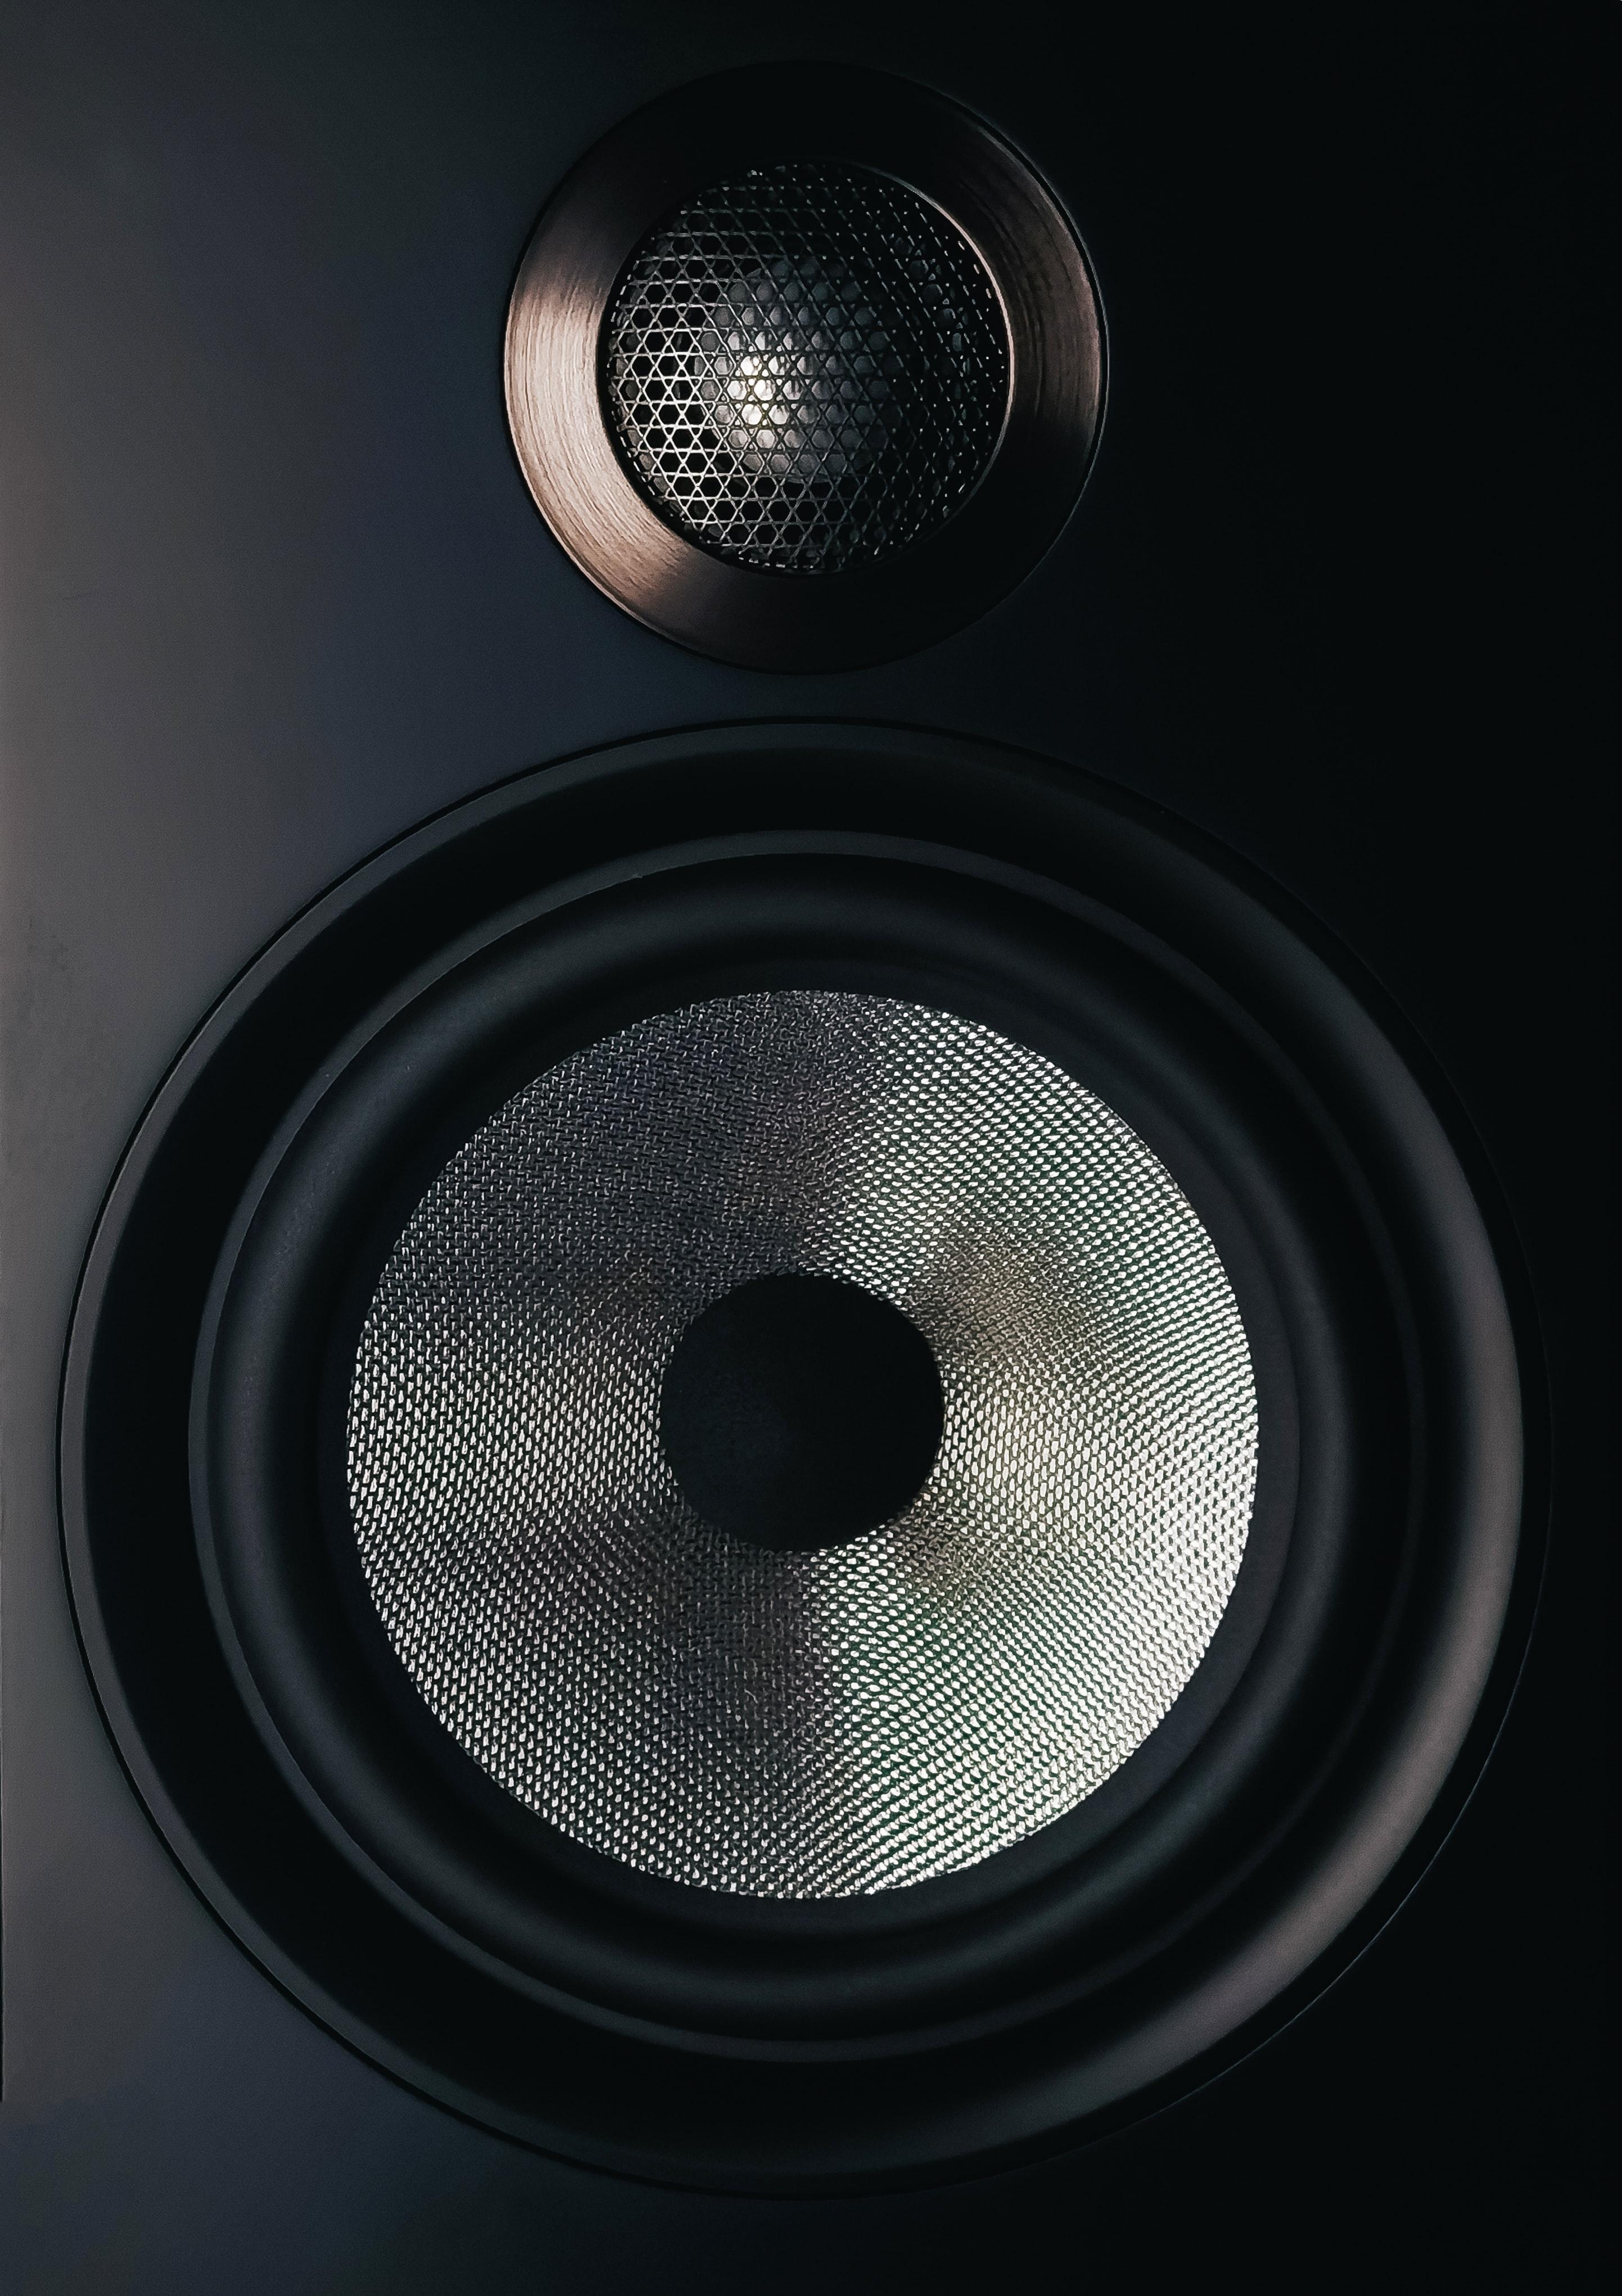 122471 Salvapantallas y fondos de pantalla Música en tu teléfono. Descarga imágenes de Música, Altavoces, Columna gratis